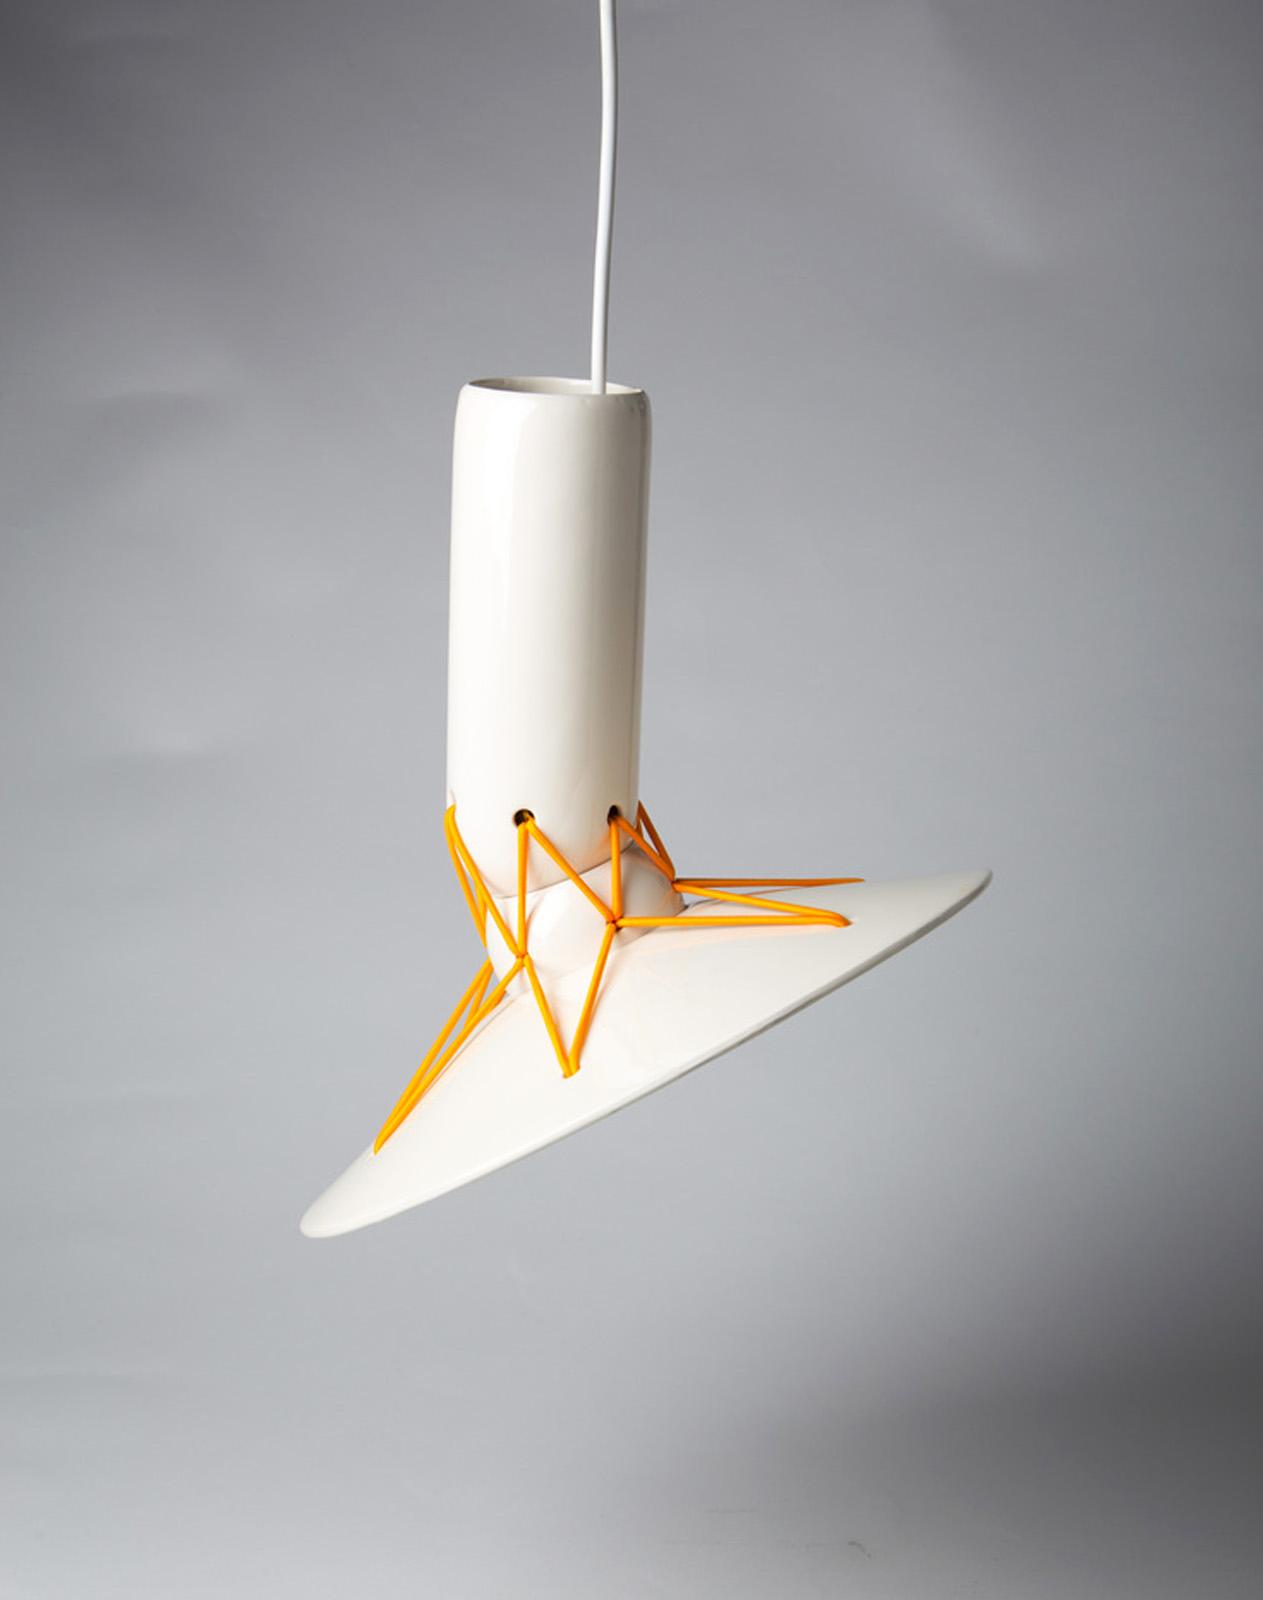 lamparas-marta-bordes-iluminacion-ceramica-1